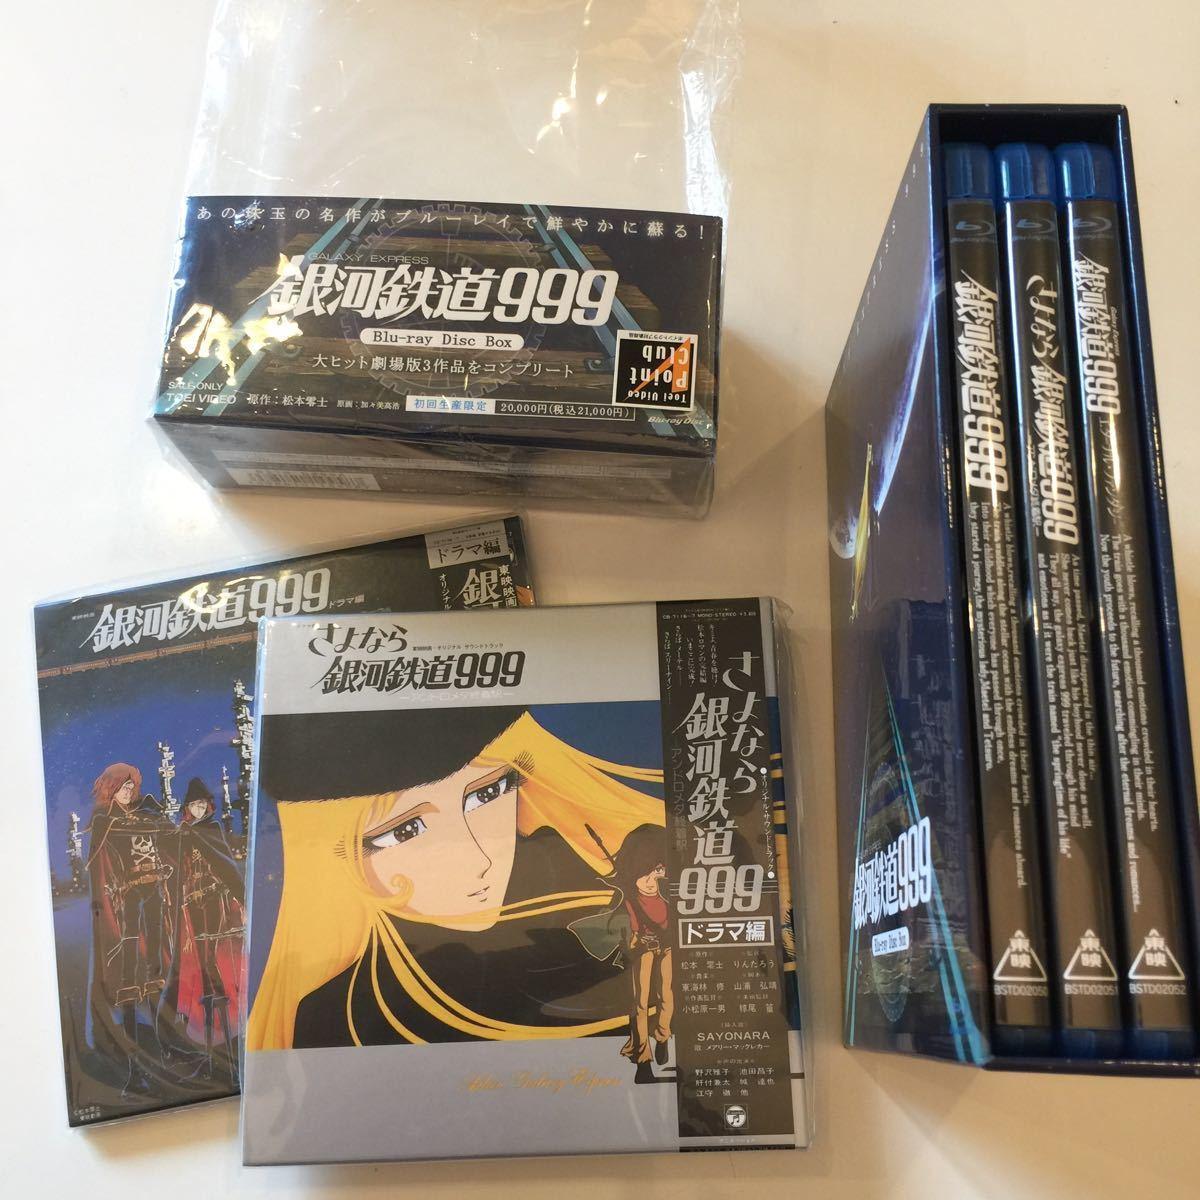 銀河鉄道999 Blu-Ray Box 初回生産限定_画像2